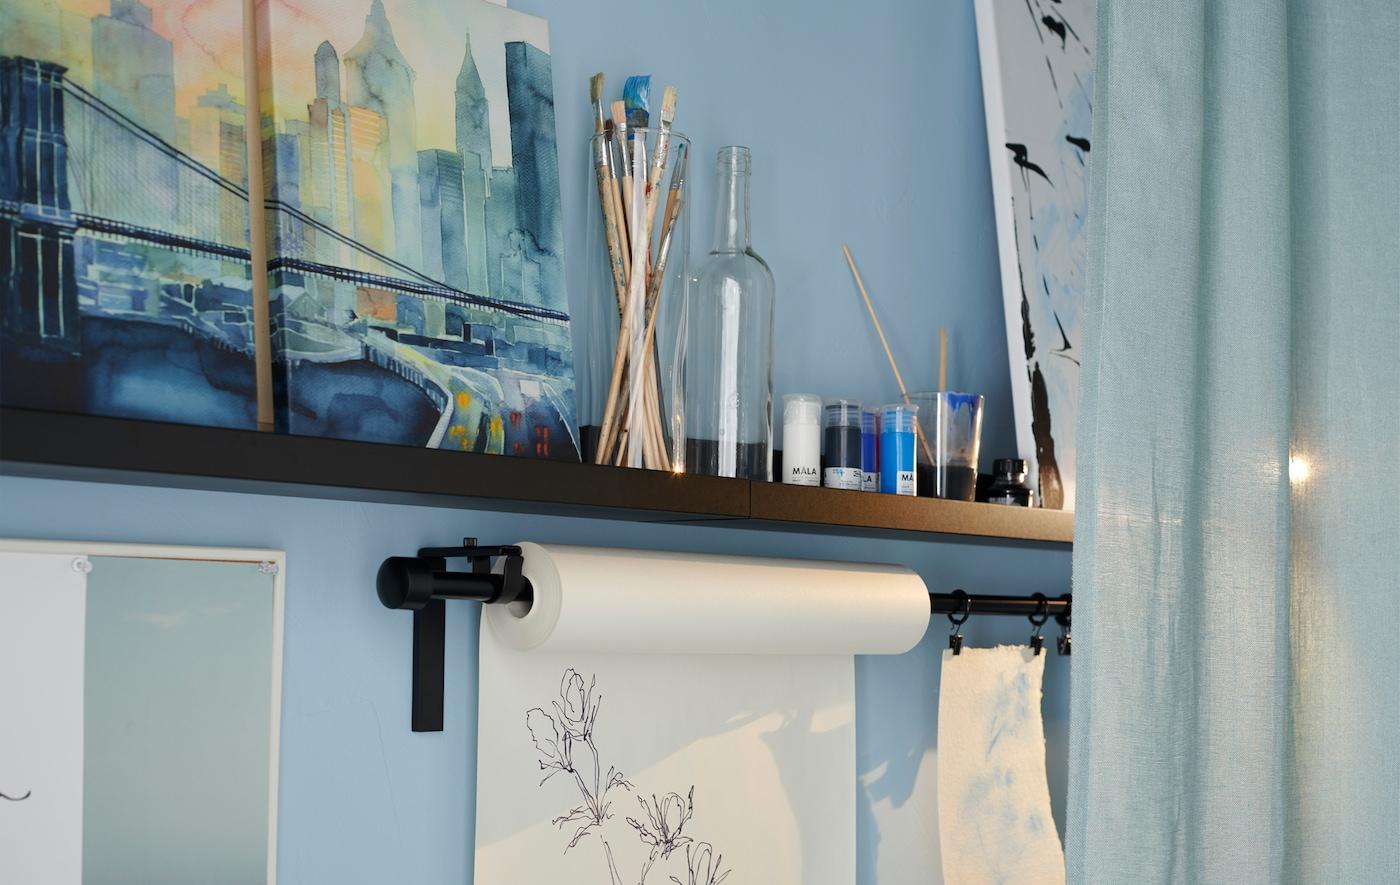 Offre-toi un mur créatif permanent qui te permet de céder immédiatement à tes élans artistiques! Présente tes œuvres sur une étagère pour photos élégante comme IKEA MOSSLANDA en noir.